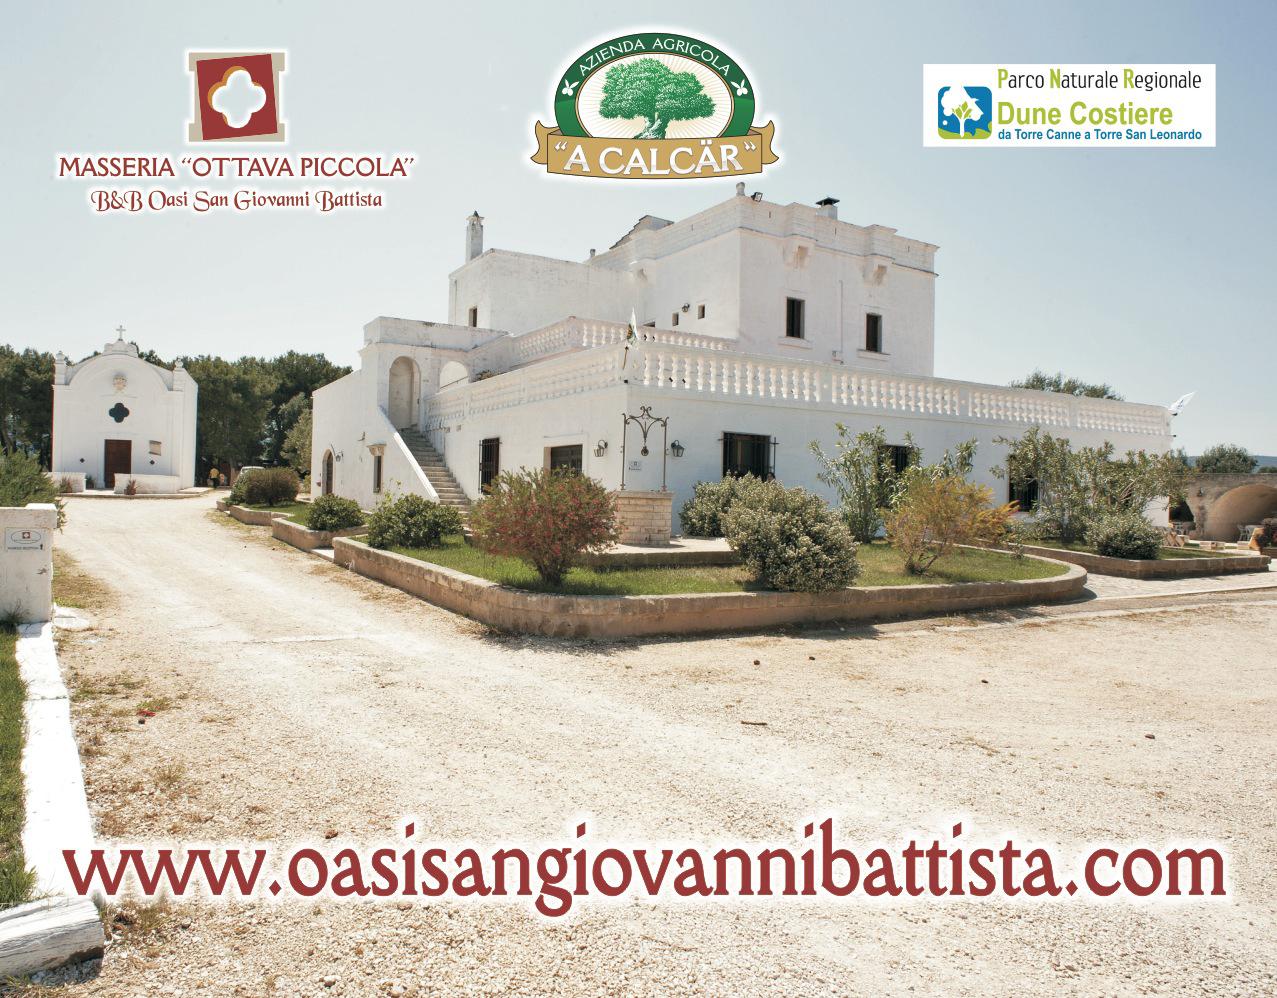 Fassano hotel